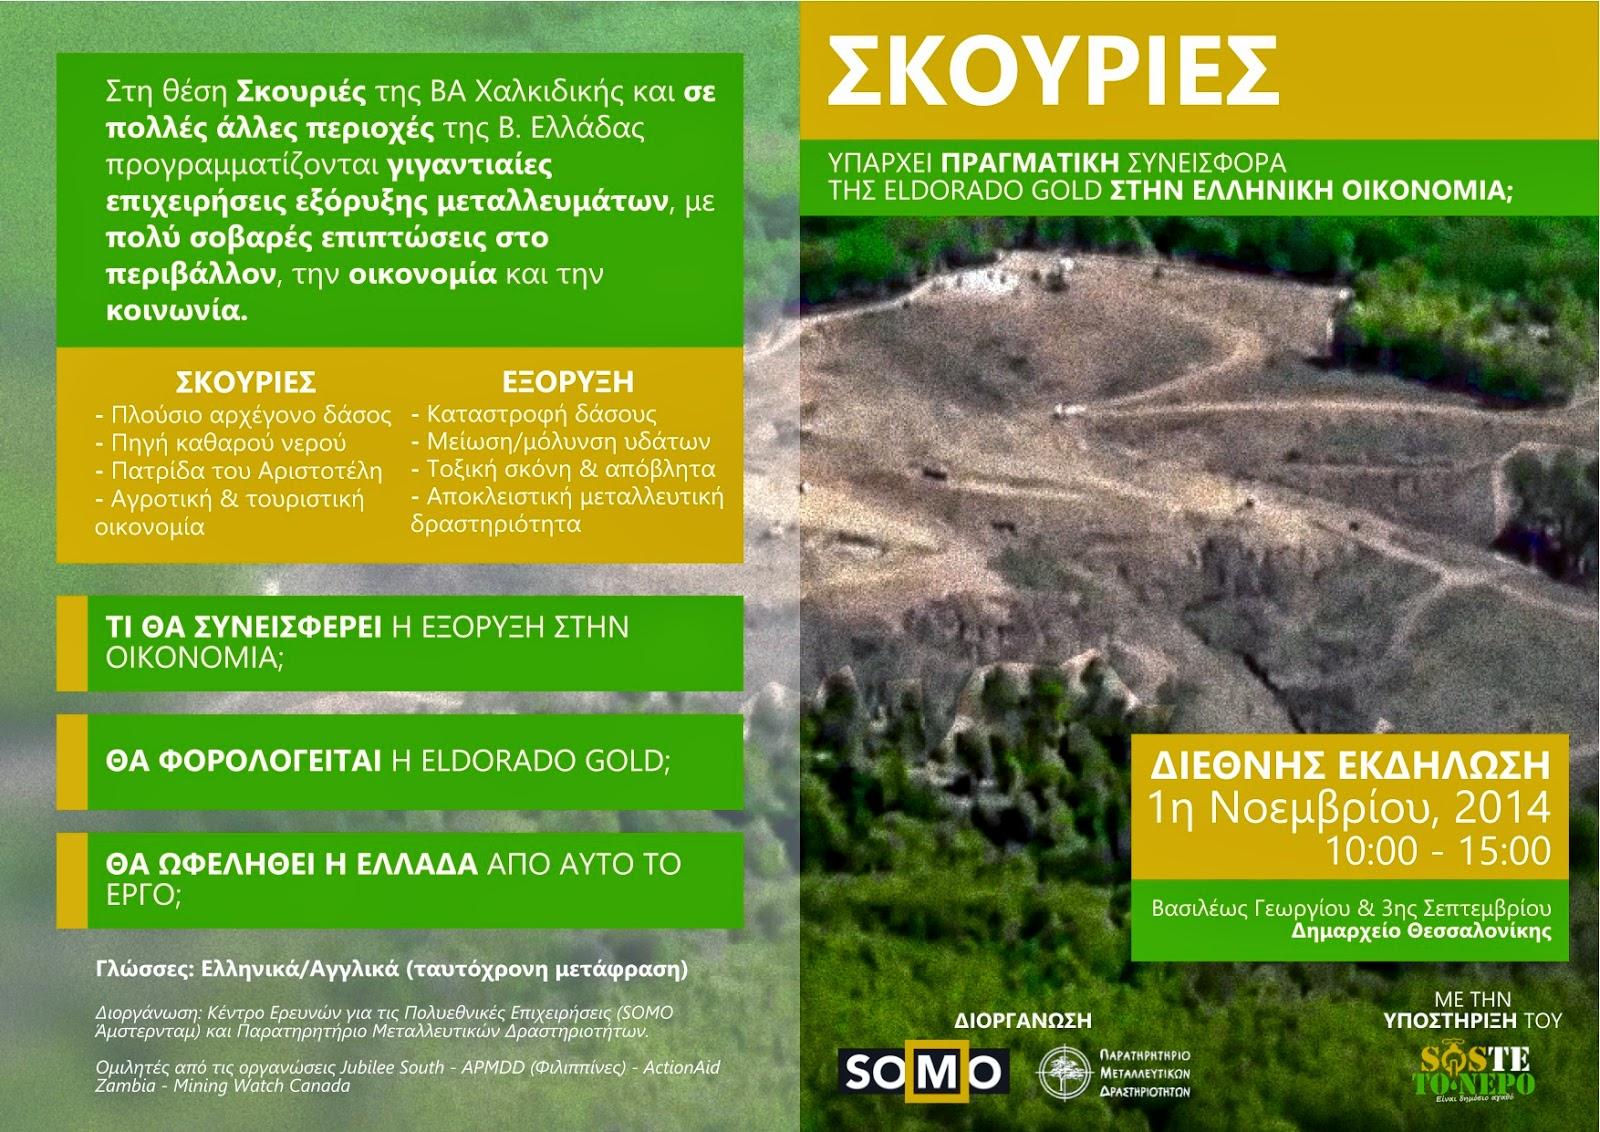 Μεταλλεία στις Σκουριές: Παράγει πραγματικά έσοδα για την Ελλάδα η Eldorado Gold;